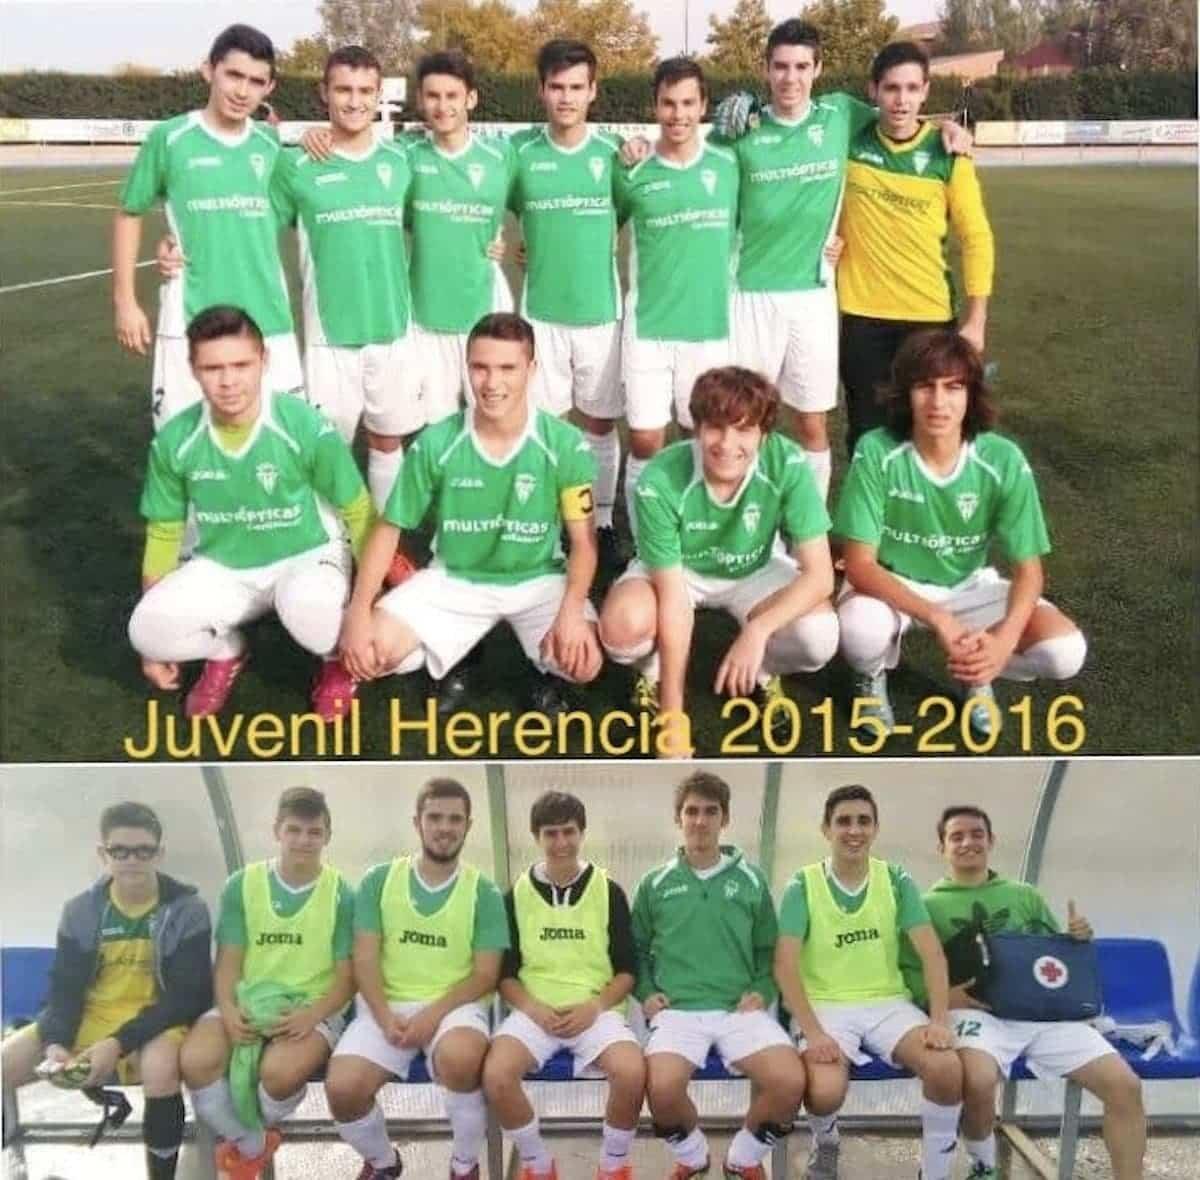 herencia futbol historia imagenes juvenil 2015 16 - Un paseo por el tiempo del Herencia Club de Fútbol, segunda parte